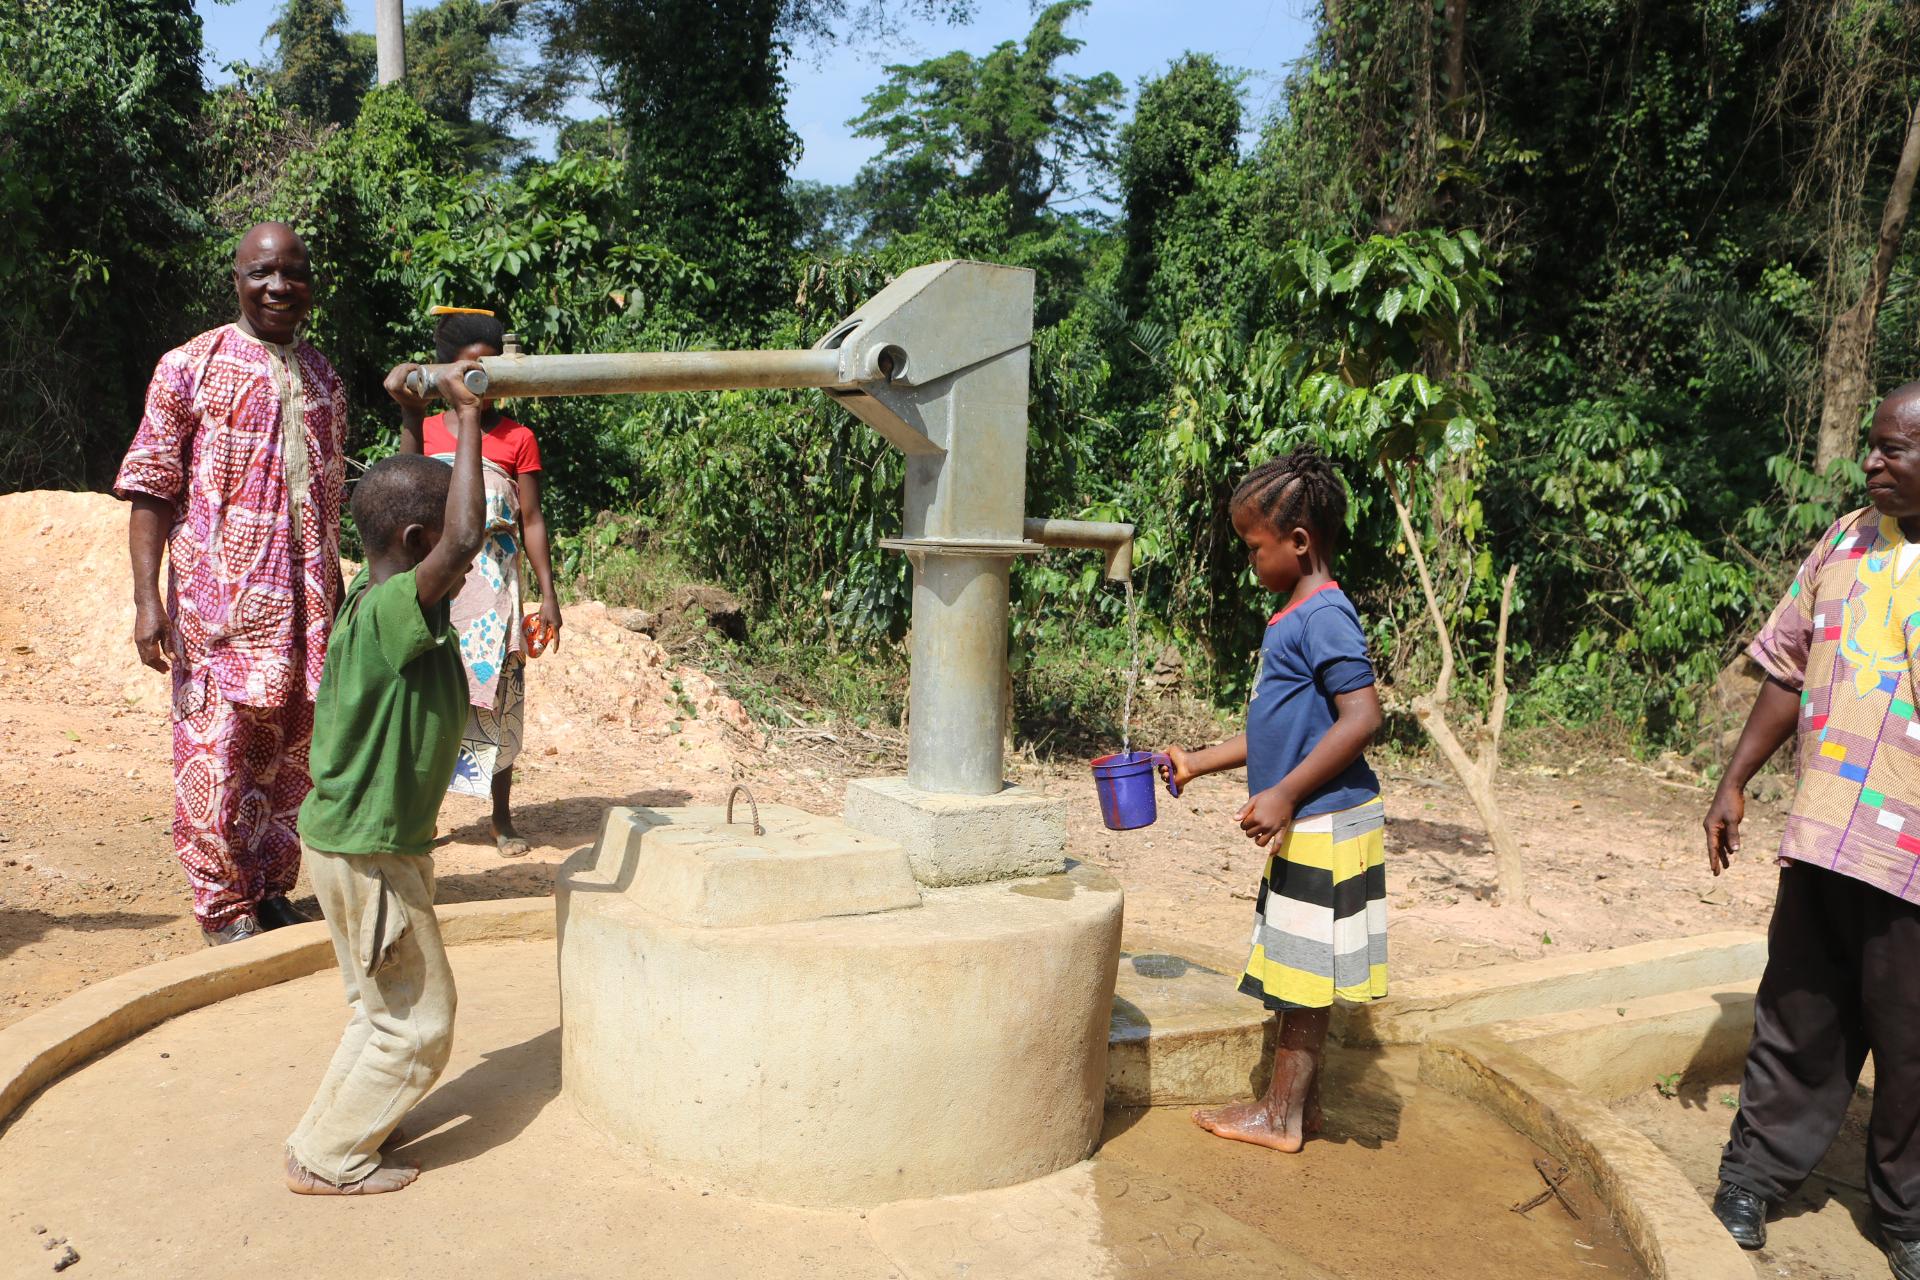 """기니아의 야싸다 지역에서, 두 아이가 어른들이 지켜보는 가운데, 우물에서 물을 퍼 올리고 있다. 리베리아 연합감리교회는 """"생명의 물"""" 프로젝트 일부로 그 지역에 5개의 우물을 파고 있다. 사진 제공 줄루 스웬, 연합감리교뉴스(UMNS)"""